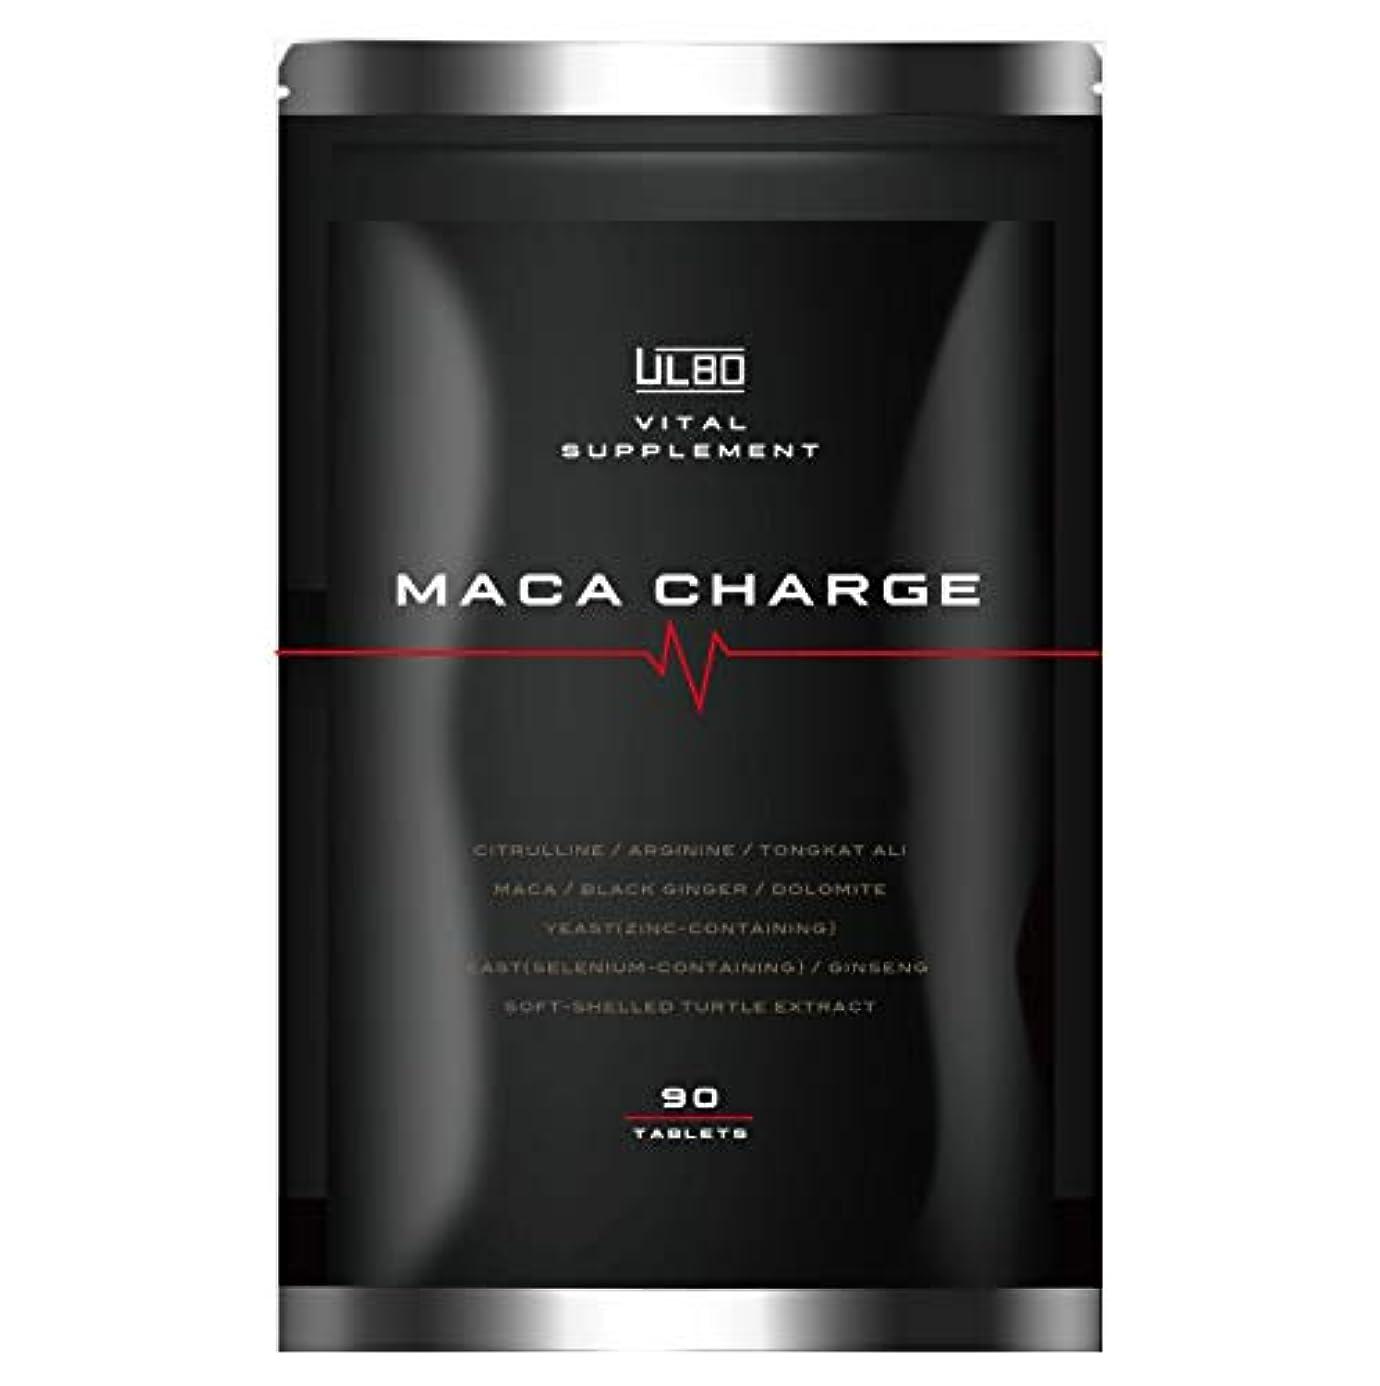 ケイ素パトロンドックULBO MACA CHARGE シトルリン アルギニン 亜鉛 マカ 厳選10種類 90粒 日本製